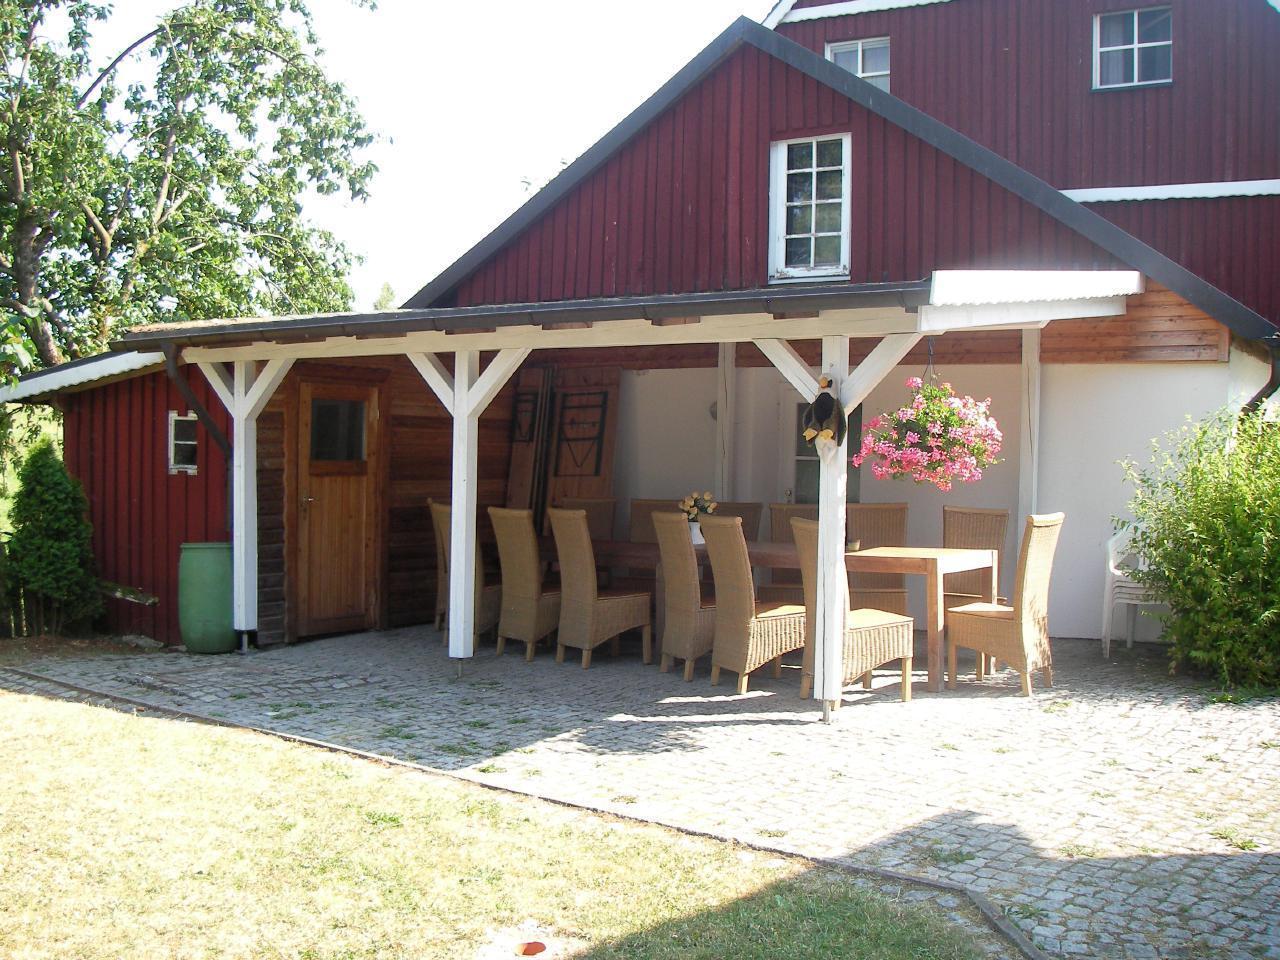 Ferienwohnung Haus Hilde Wohnung 2 (993407), Presseck, Frankenwald, Bayern, Deutschland, Bild 5